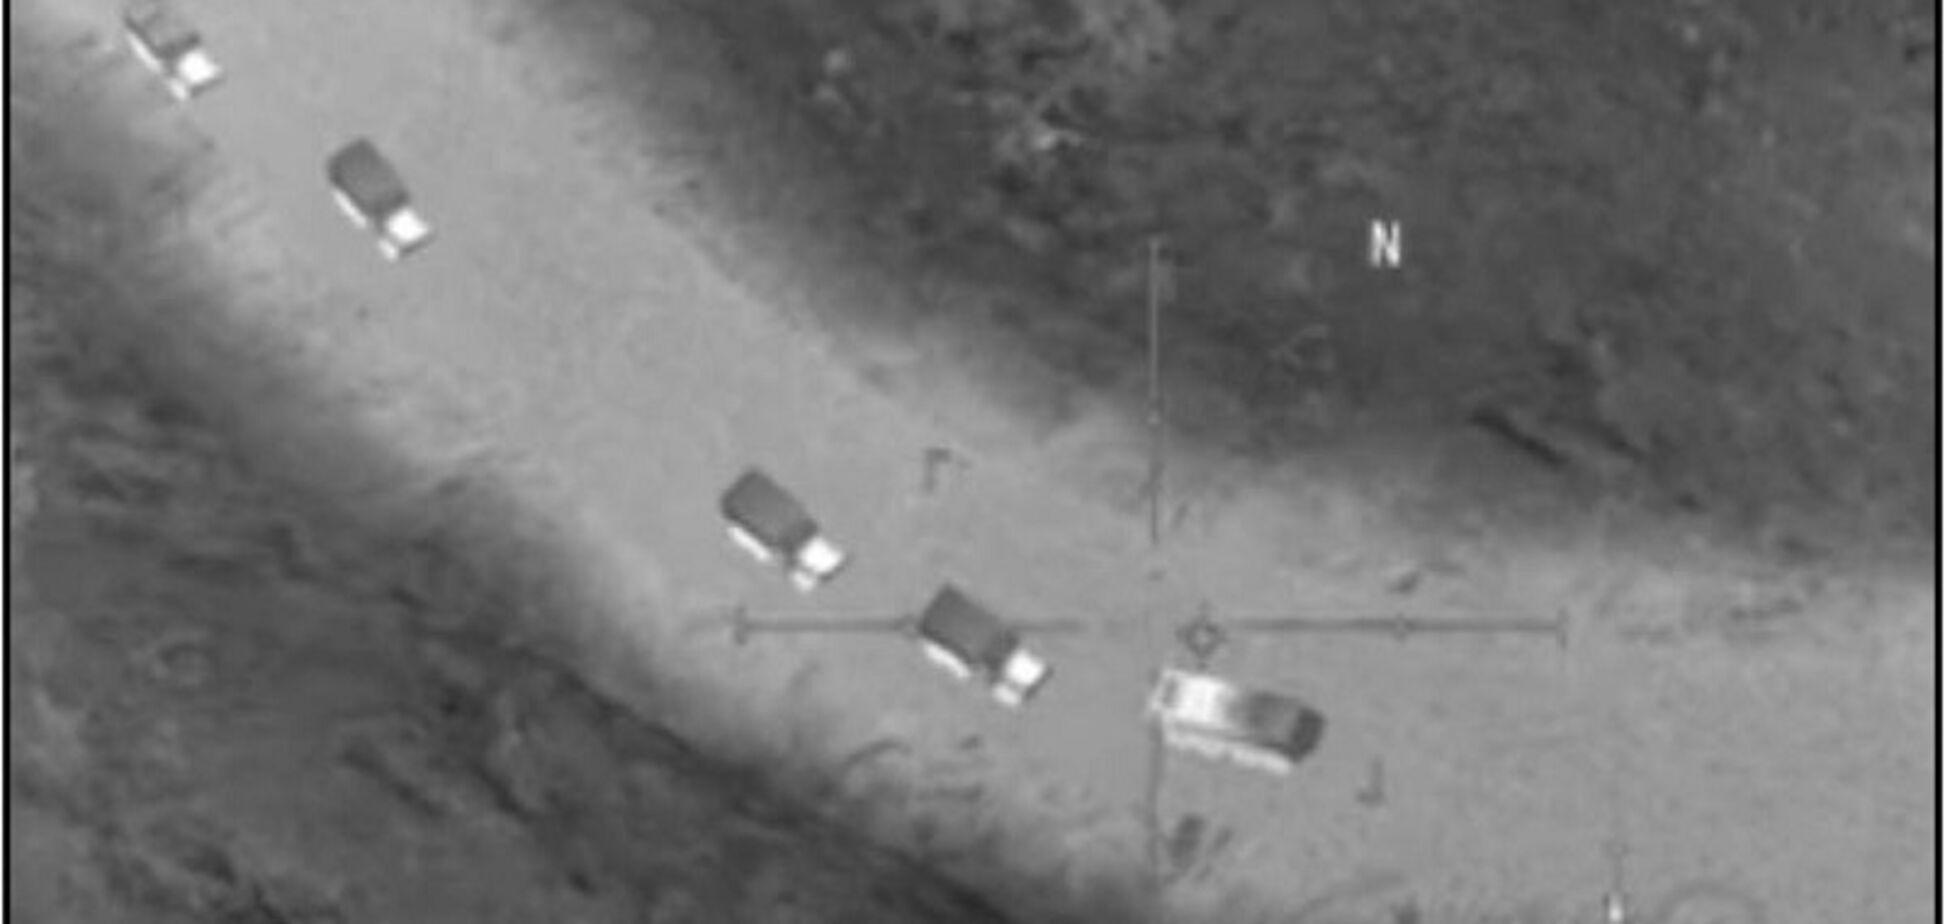 Война в Сирии: Россия выдала картинки из компьютерной игры за 'предательство' США